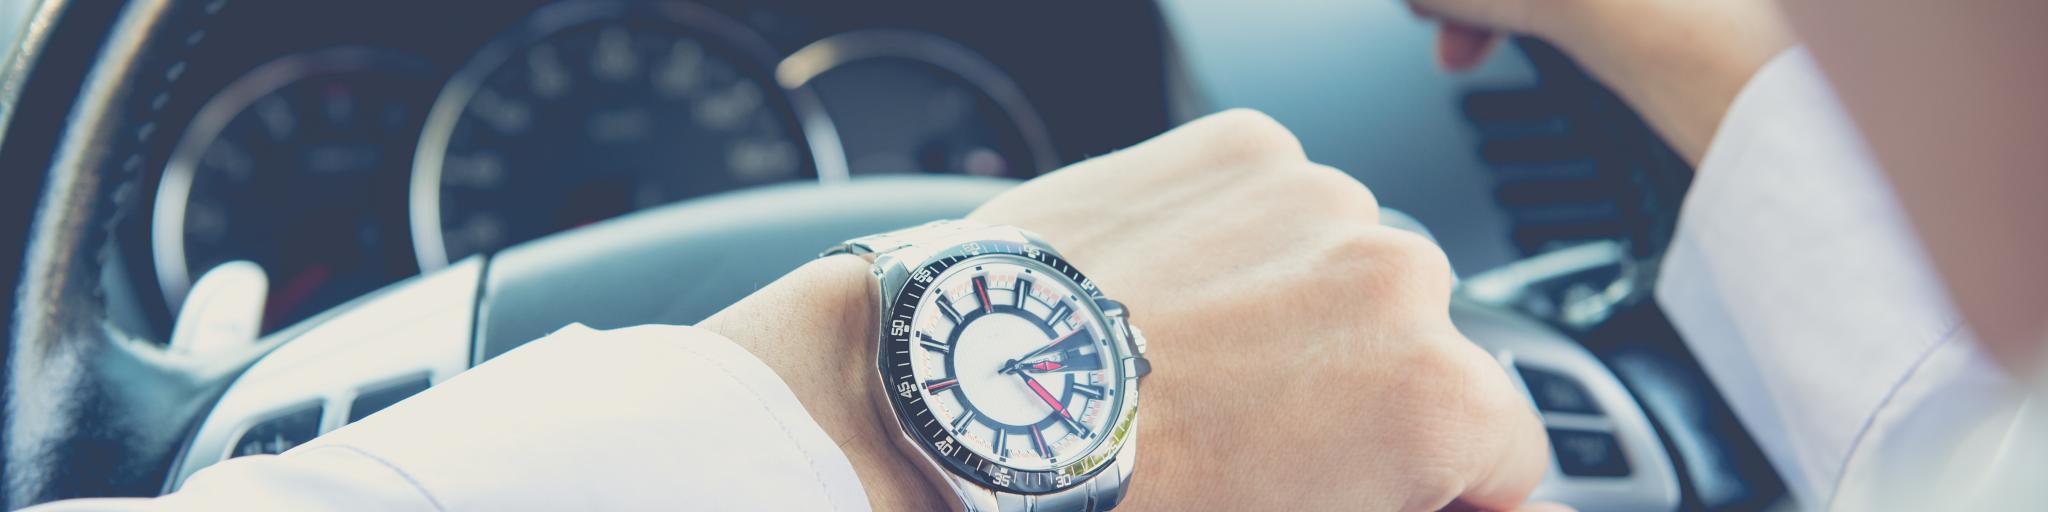 Man checking time behind steering wheel